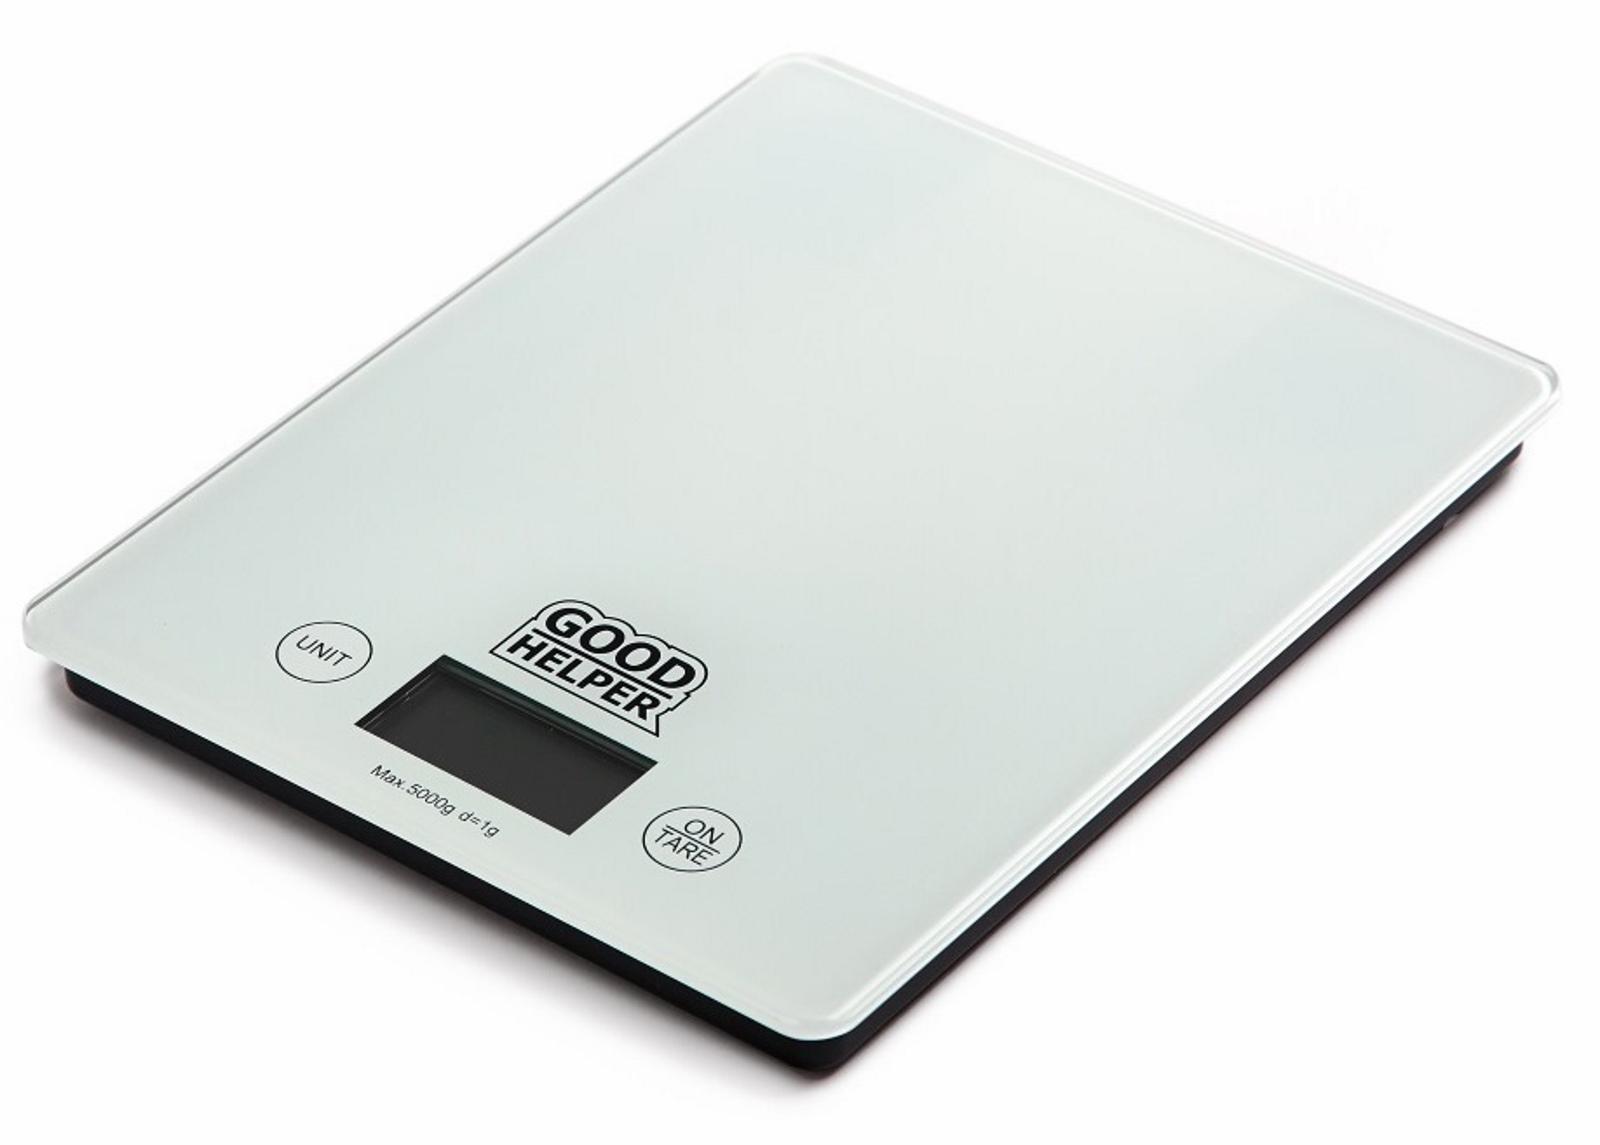 Кухонные весы GOODHELPER Весы GOODHELPER кухонные KS-S04, KS-S04 белый, белый кухонные весы goodhelper ks s04 гол